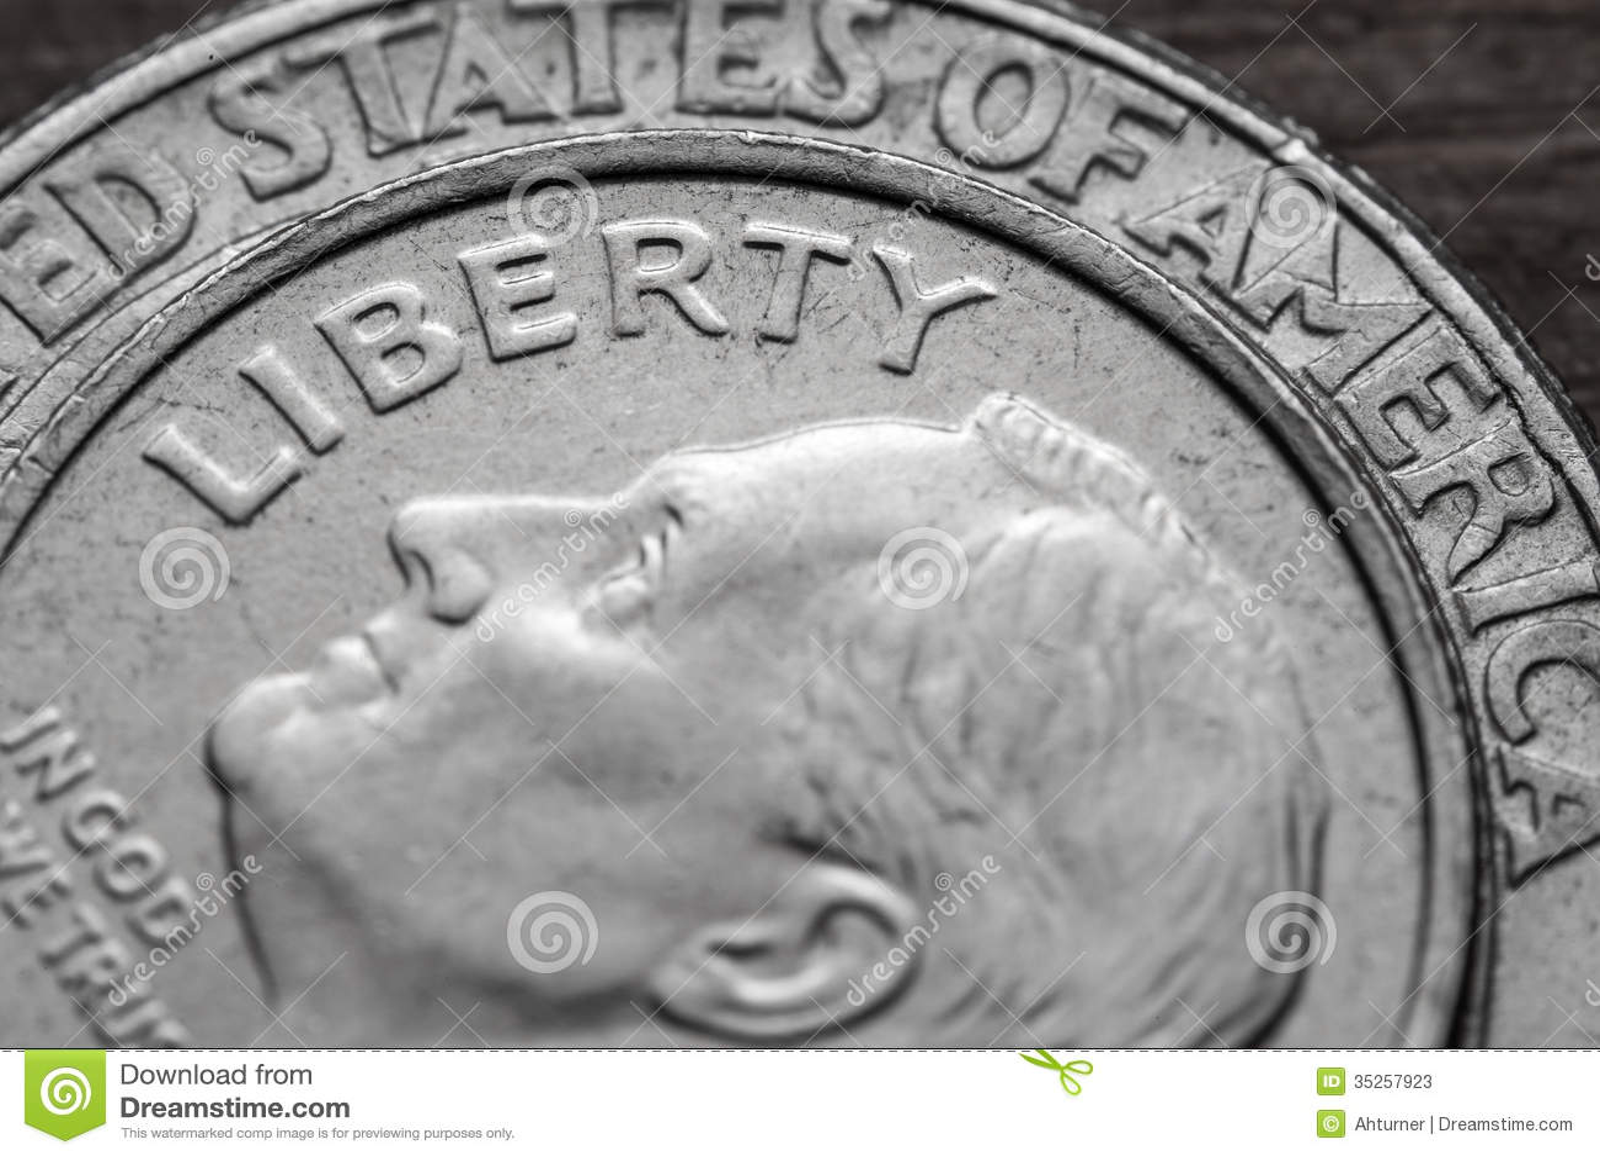 Freiheit wird in Amerika gefunden